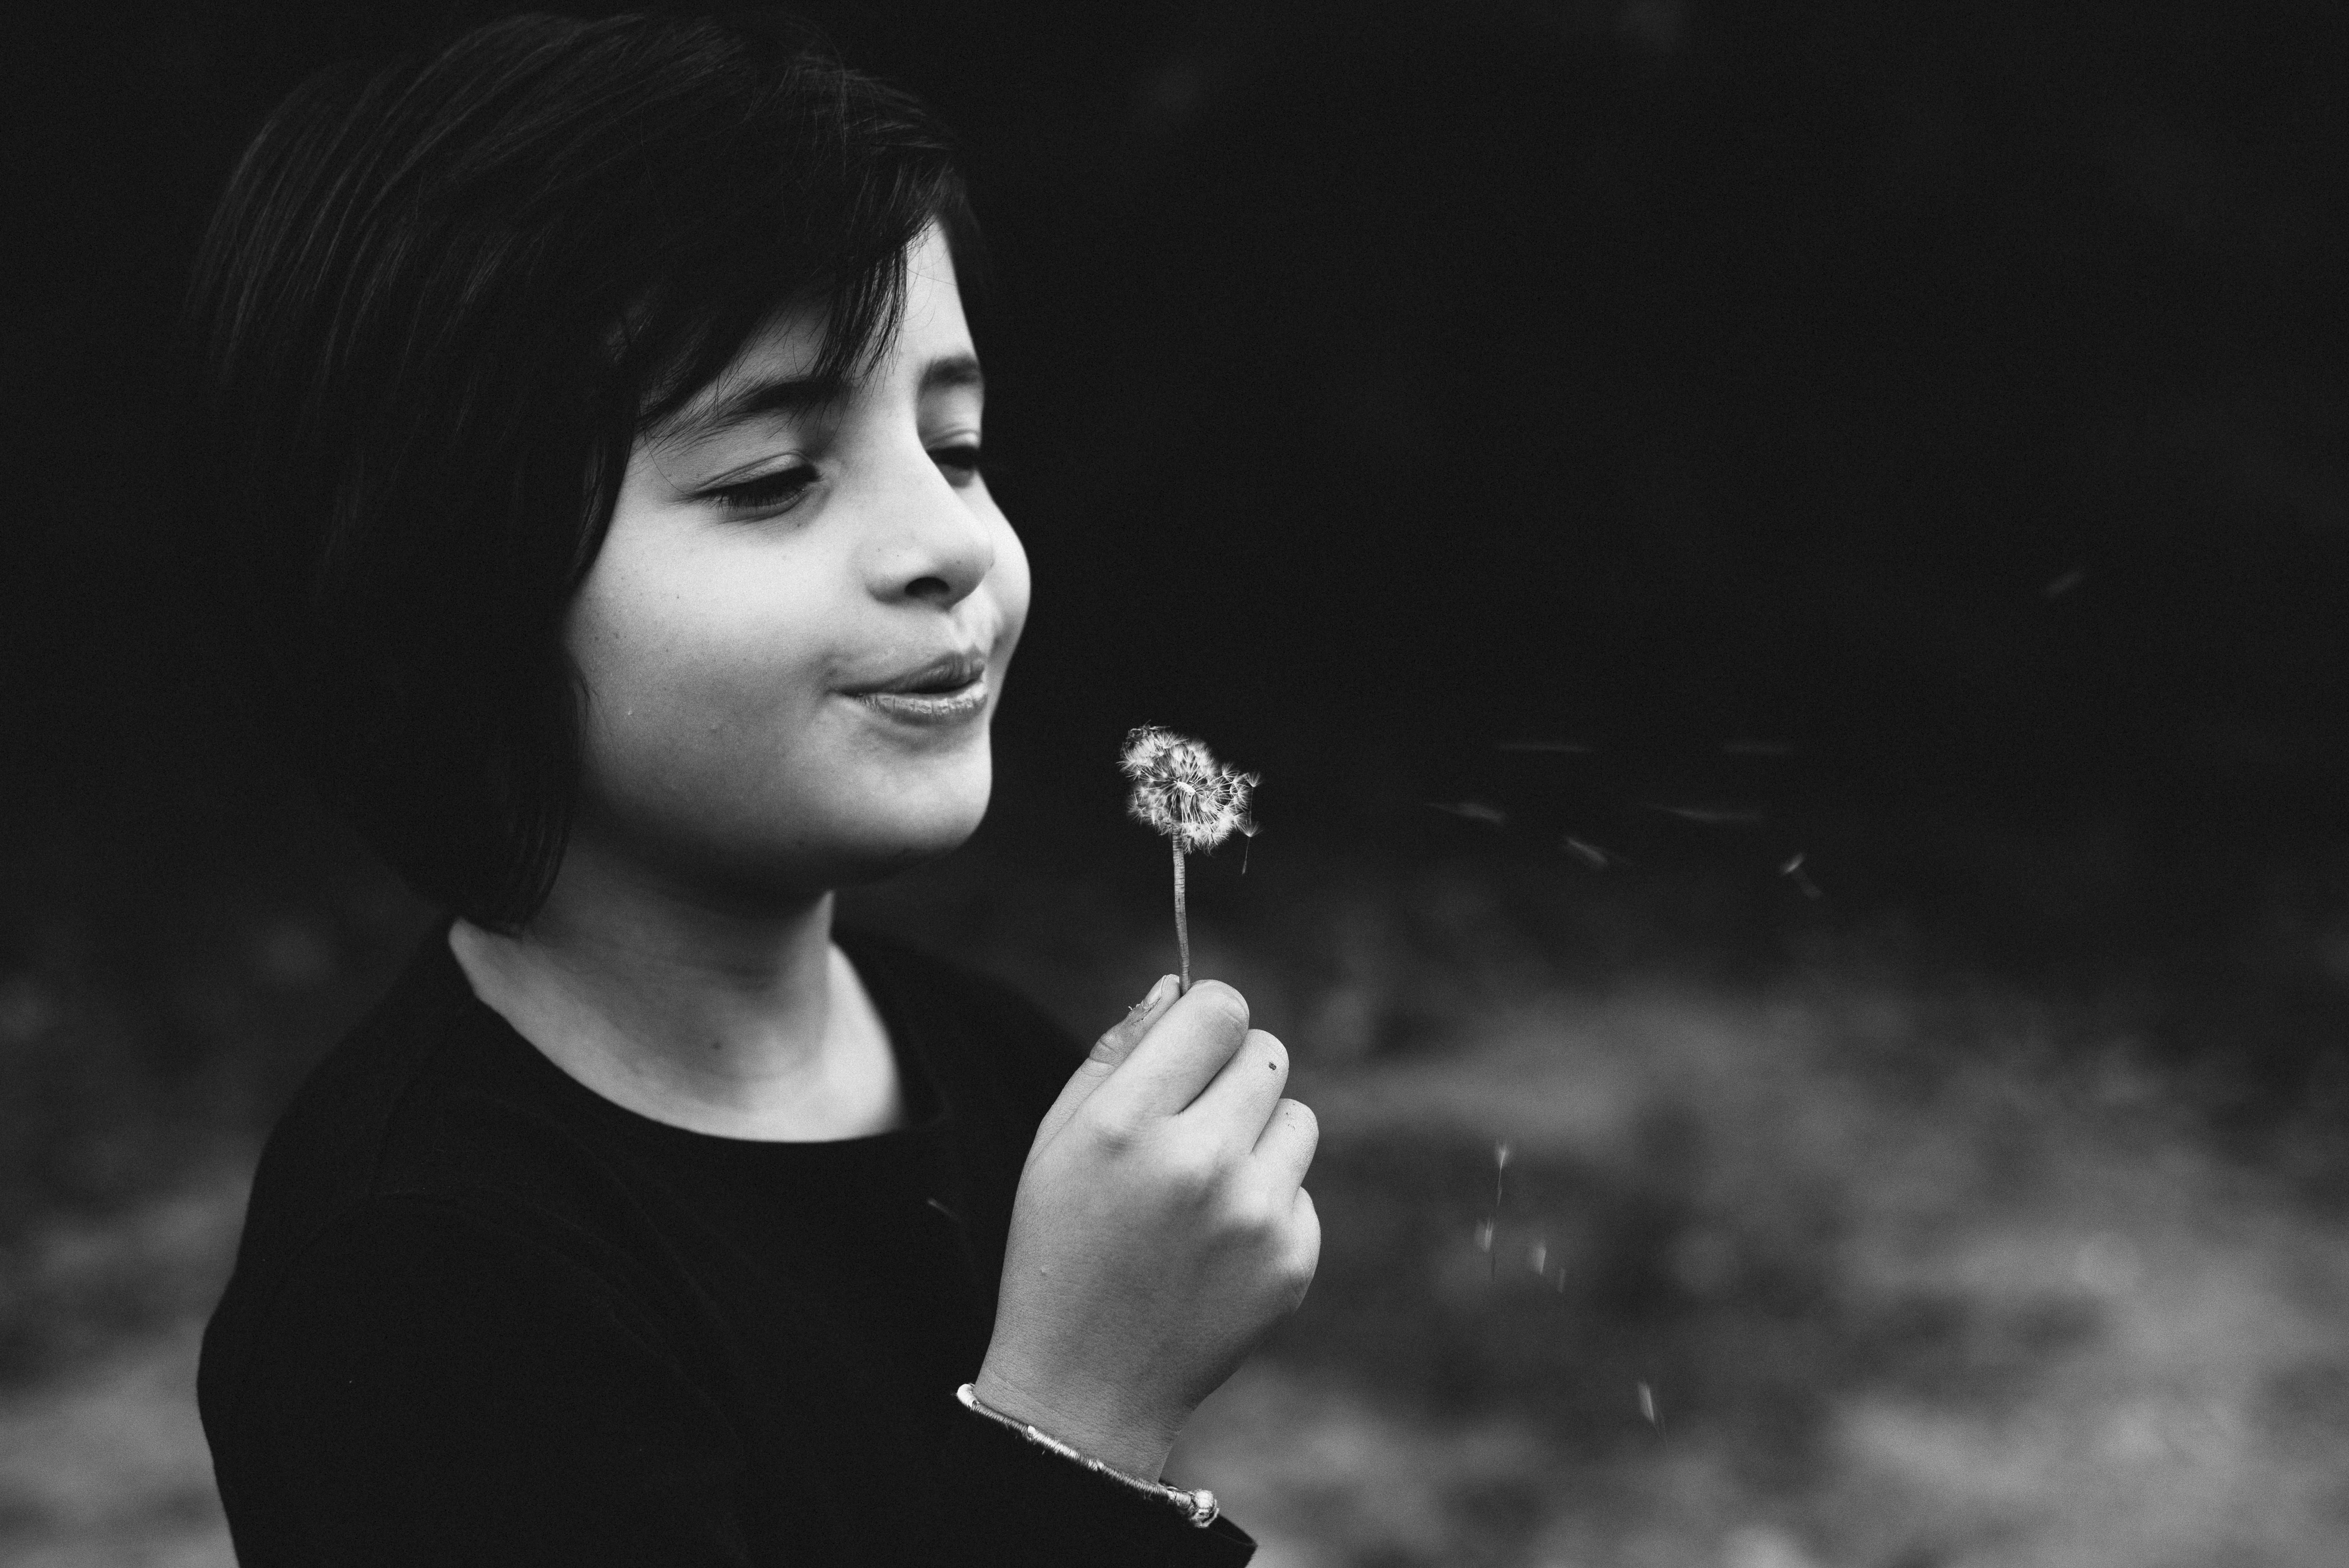 ritratto-bambina-con-fiore